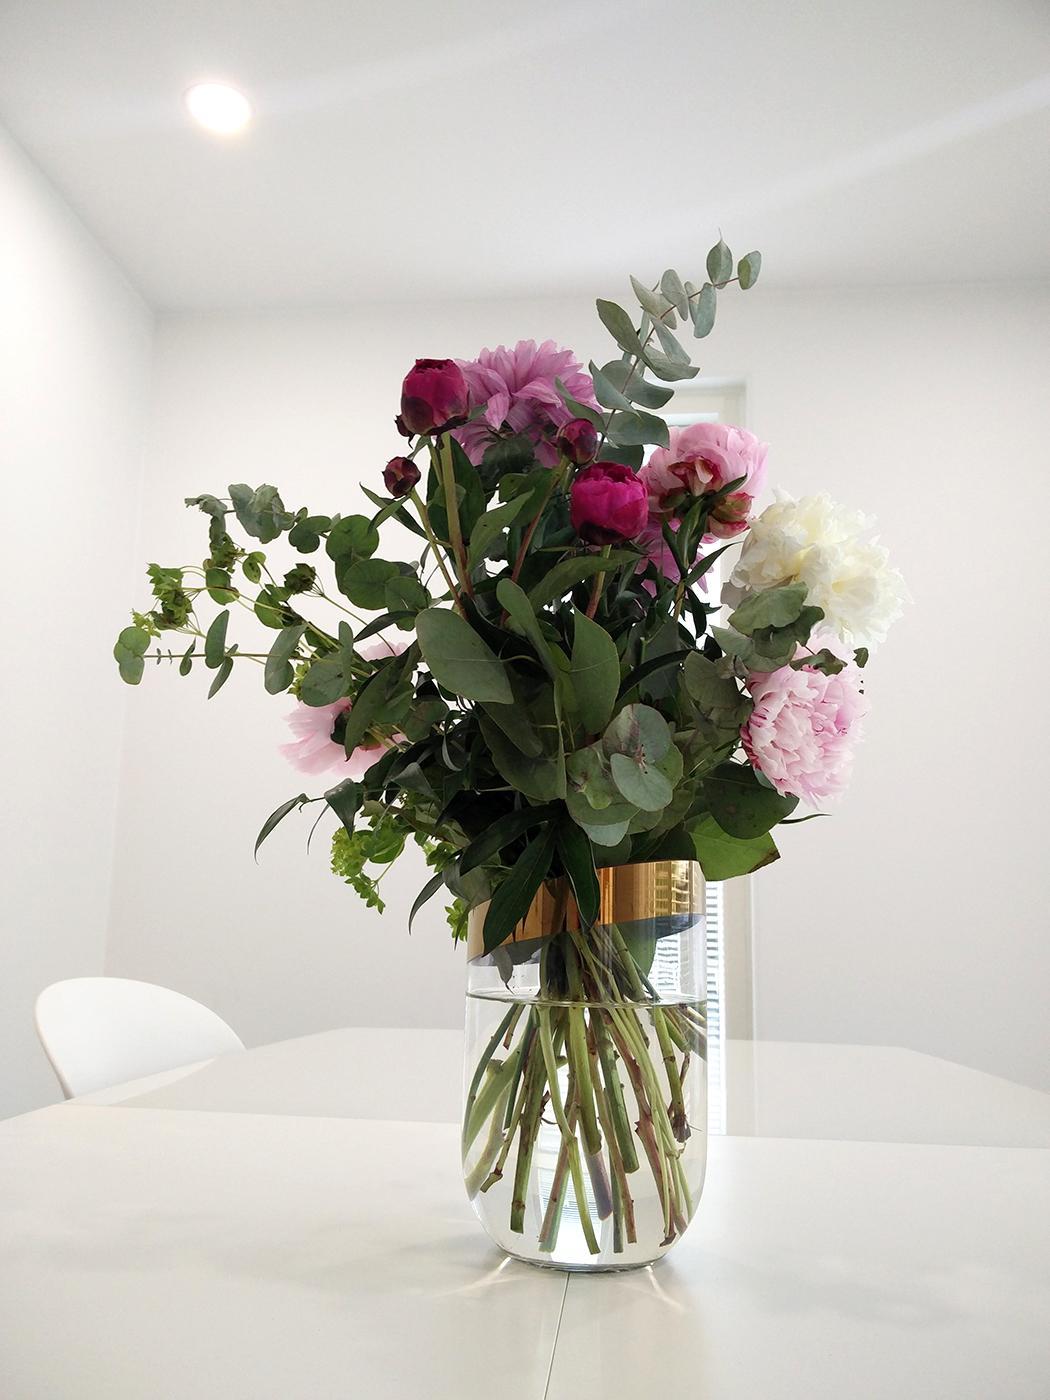 kukkakimppu_leikkokukat_luoman_puutarha_sisustus_ruokailutila2